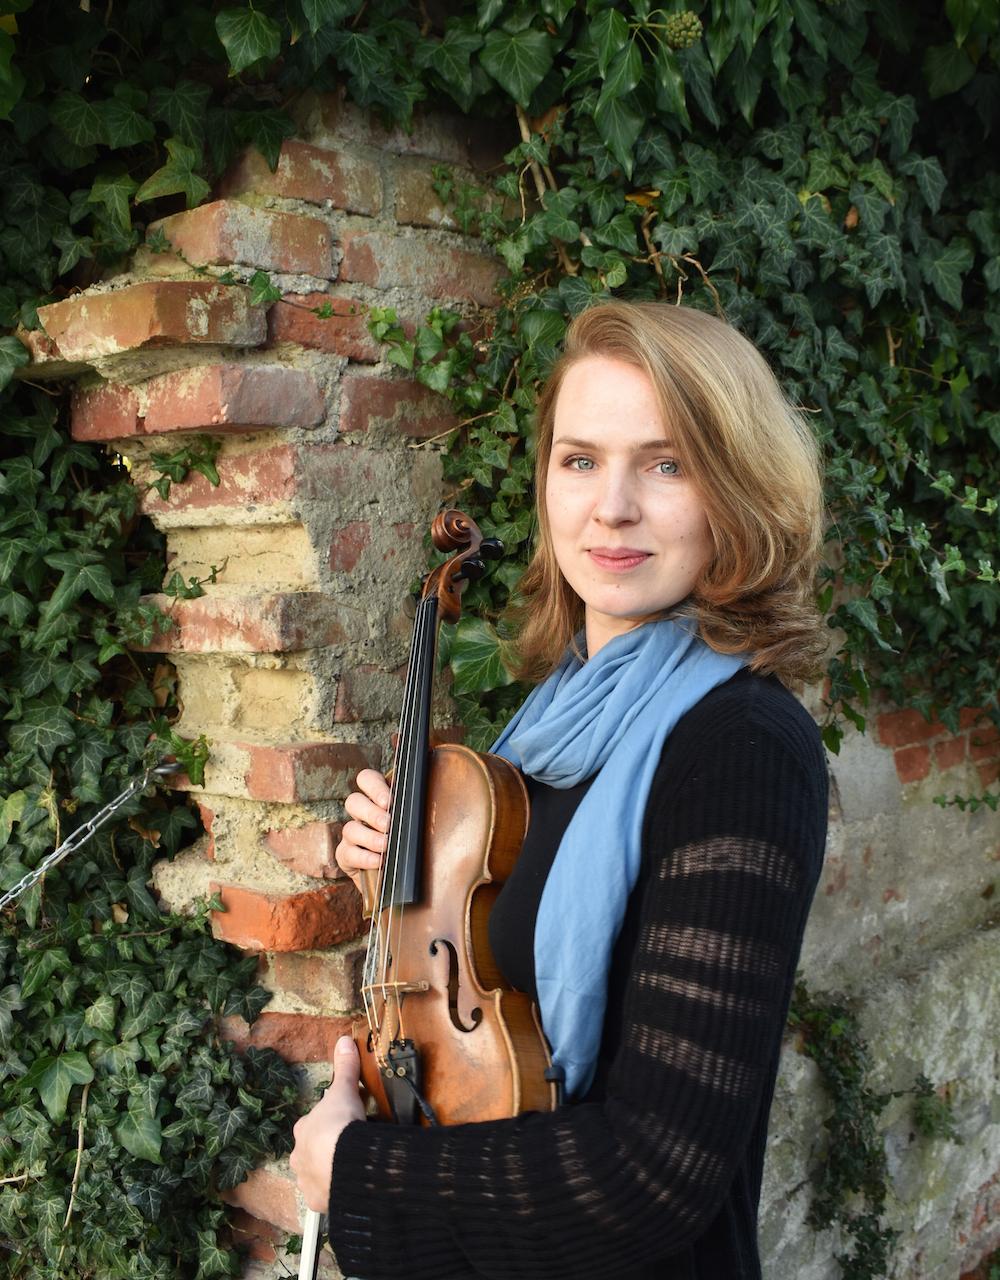 Klavierunterricht in Freising bei Klavierlehrerin Anna Antal